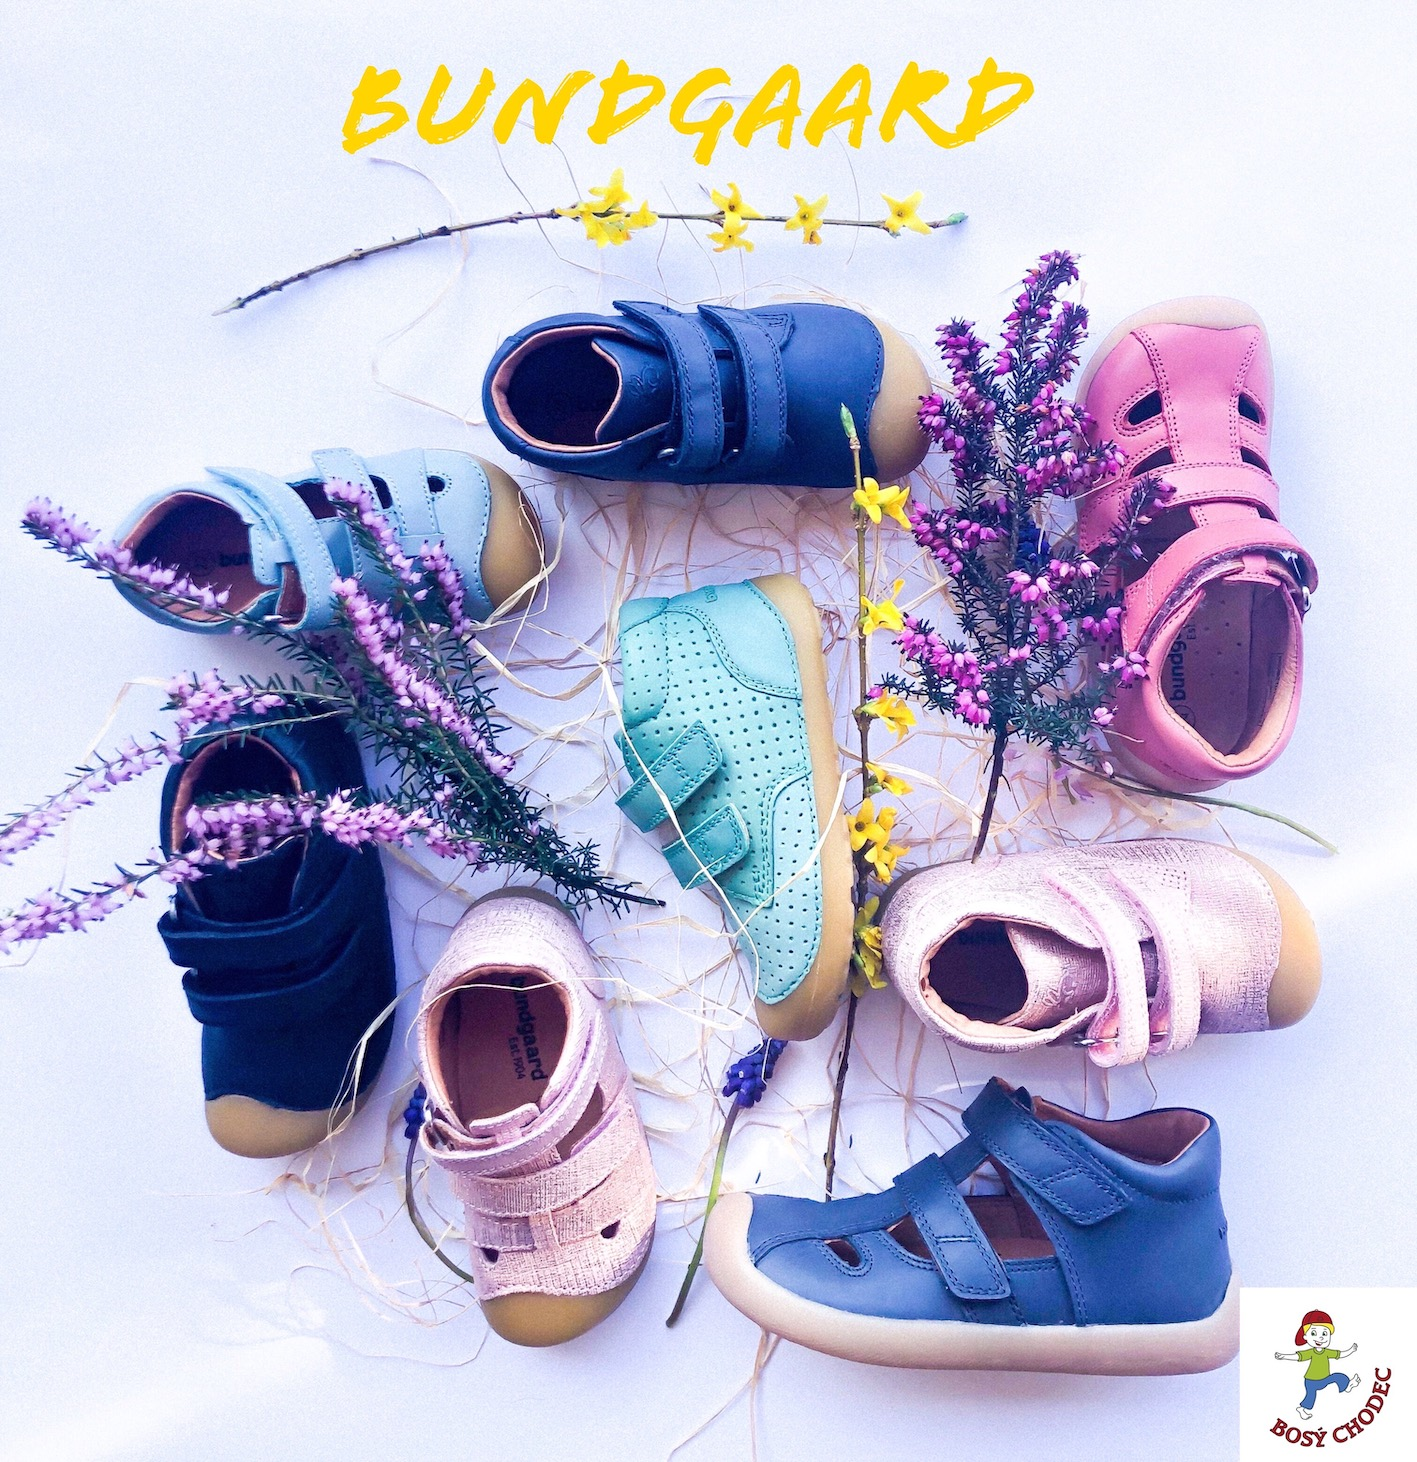 Dětské boty Bundgaard - jaro/léto 2020